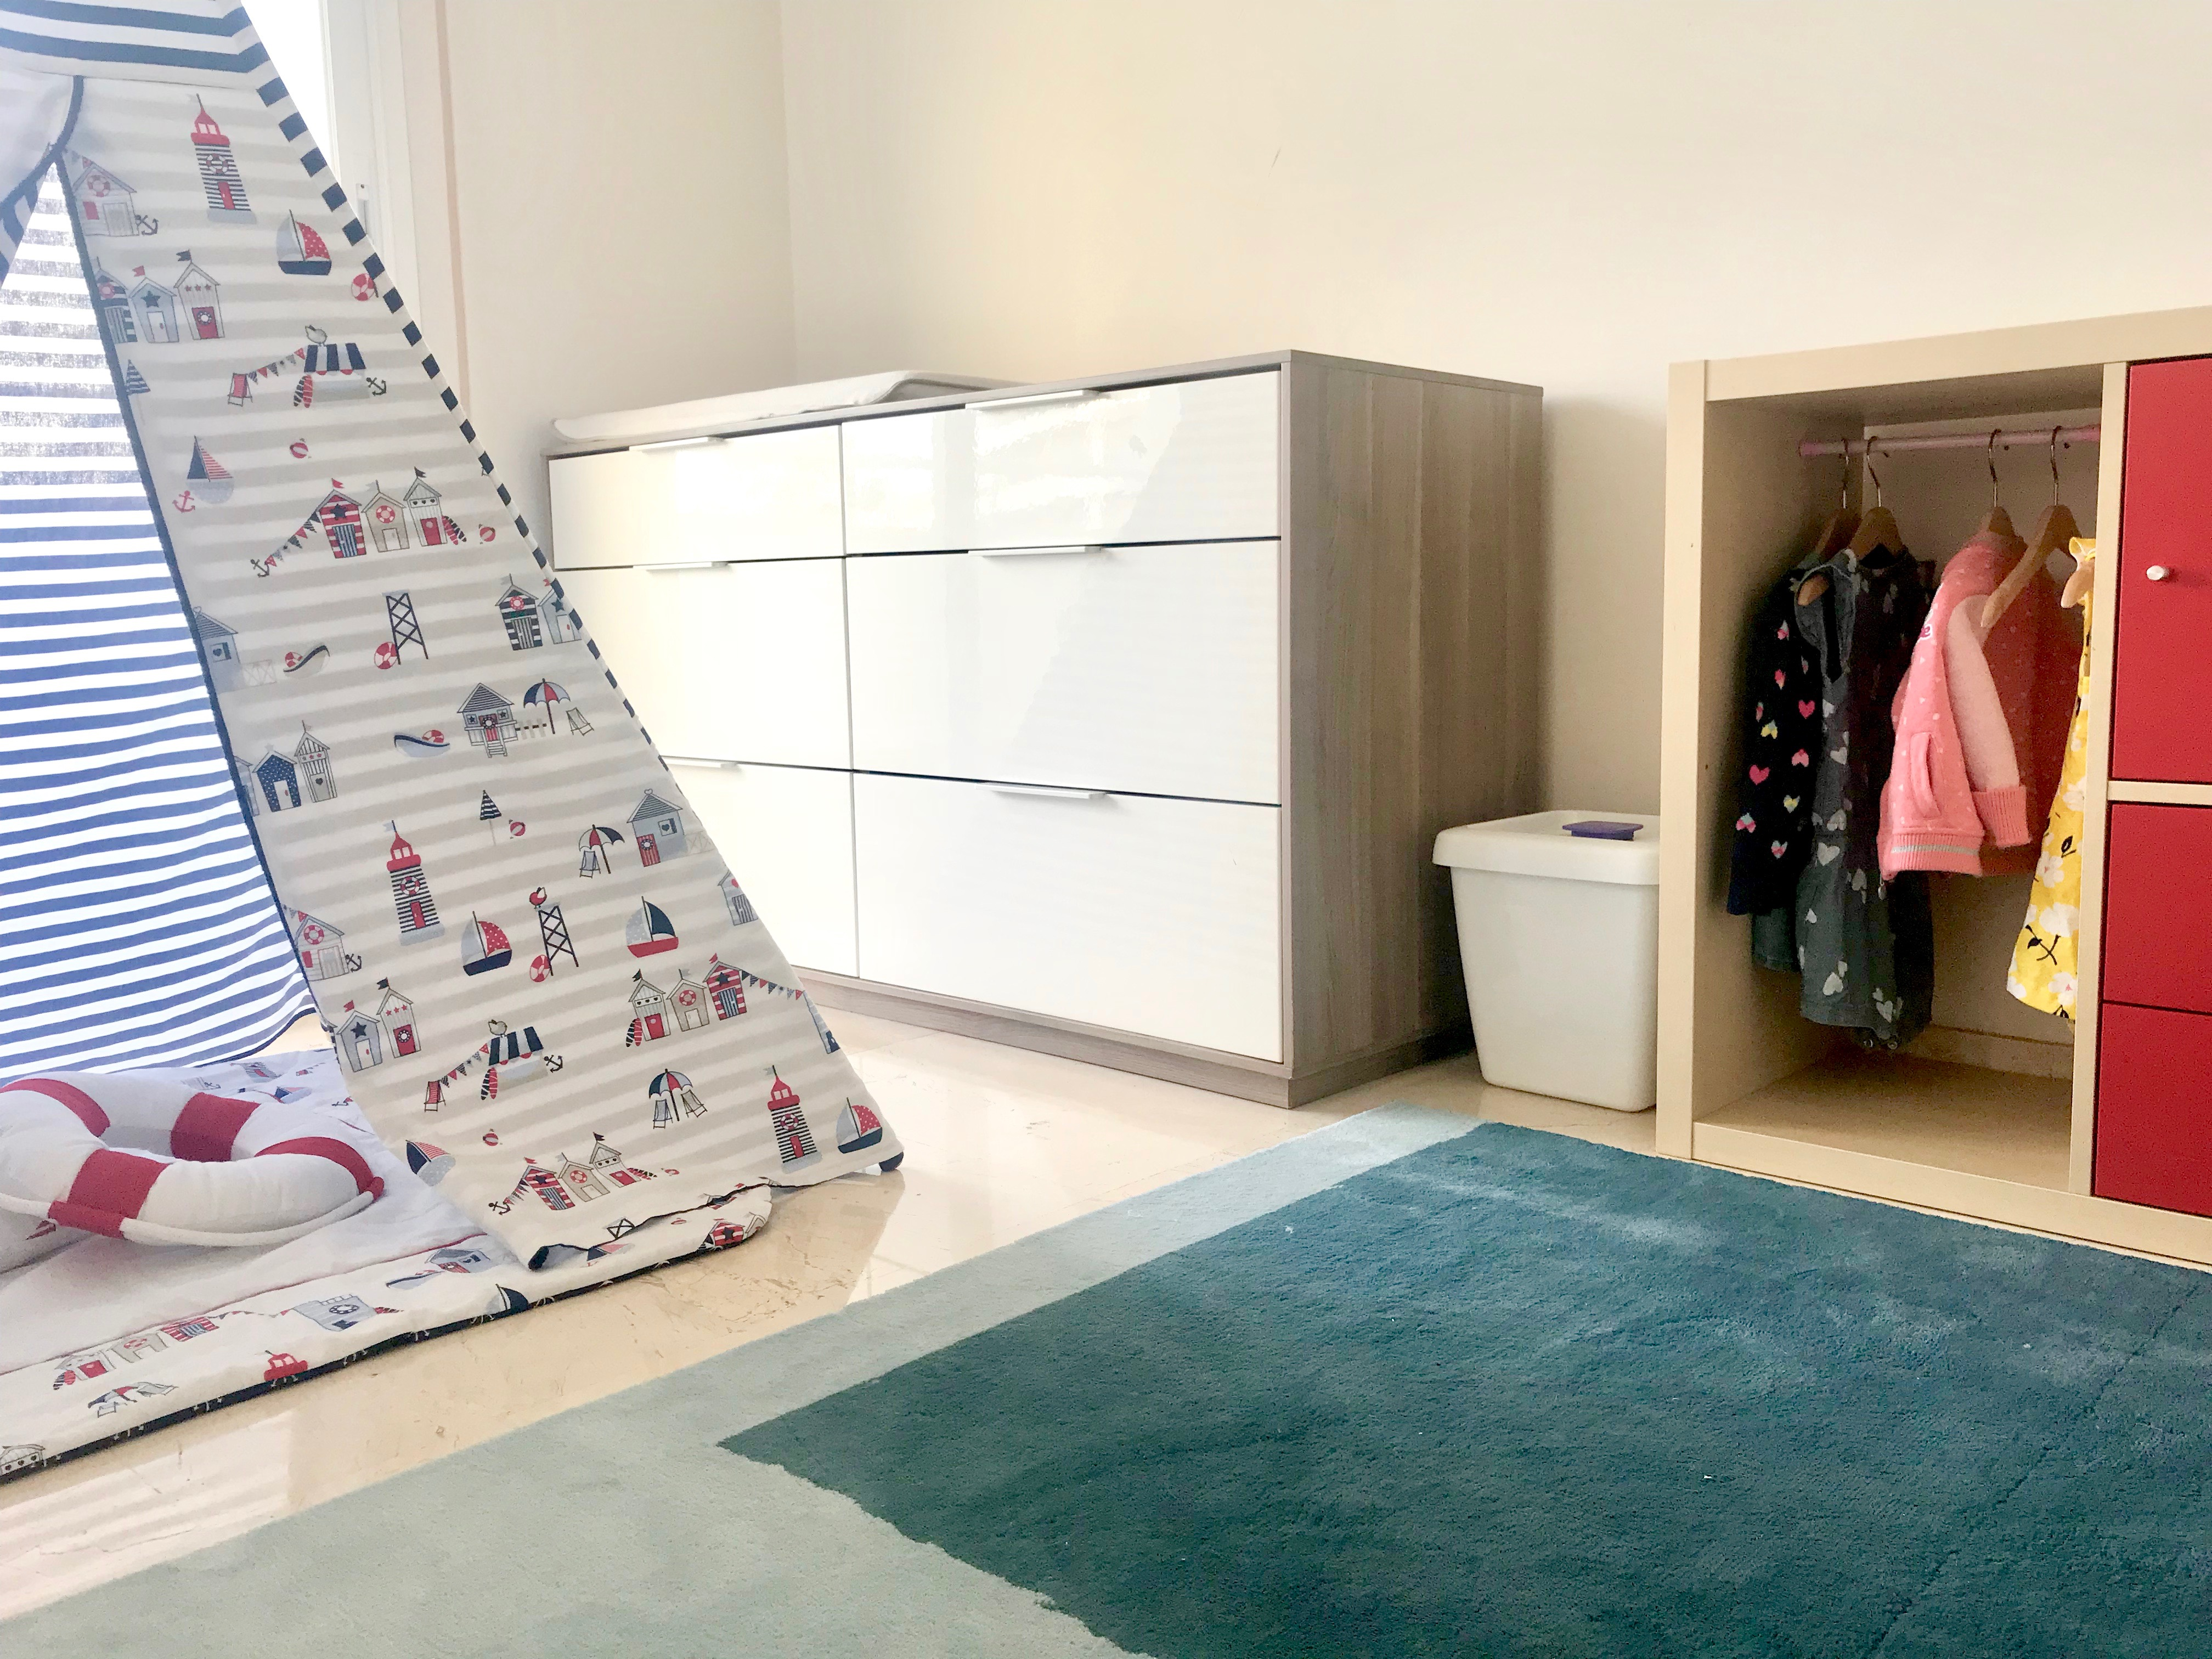 Home tour 2018 il nostro nuovo appartamento ispirato - Portabiancheria sporca ikea ...